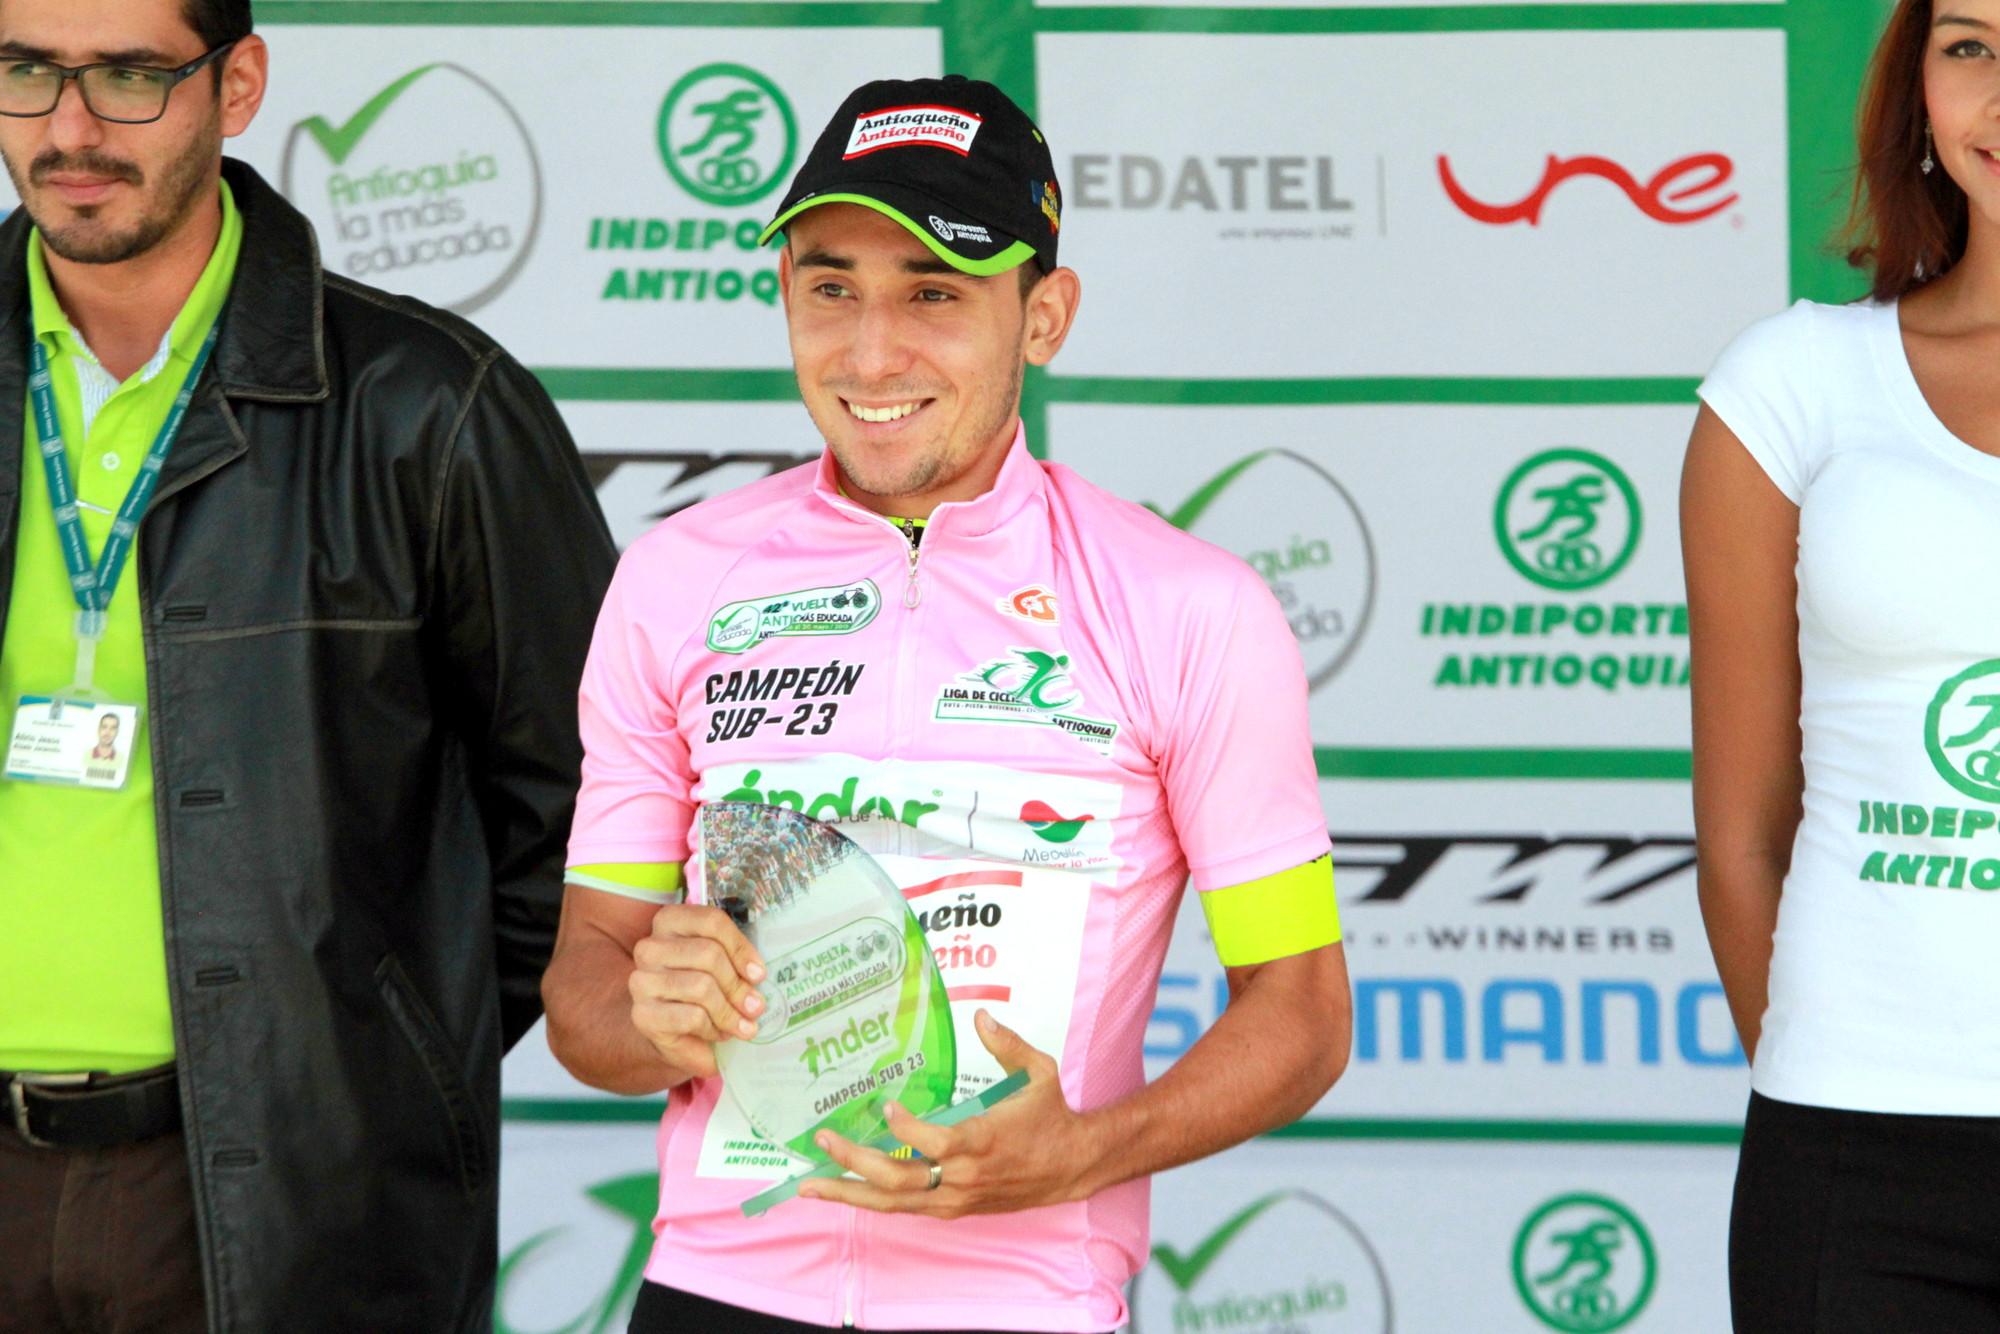 Wilson Cardona campeón sub 23 Vuelta a Antioquia